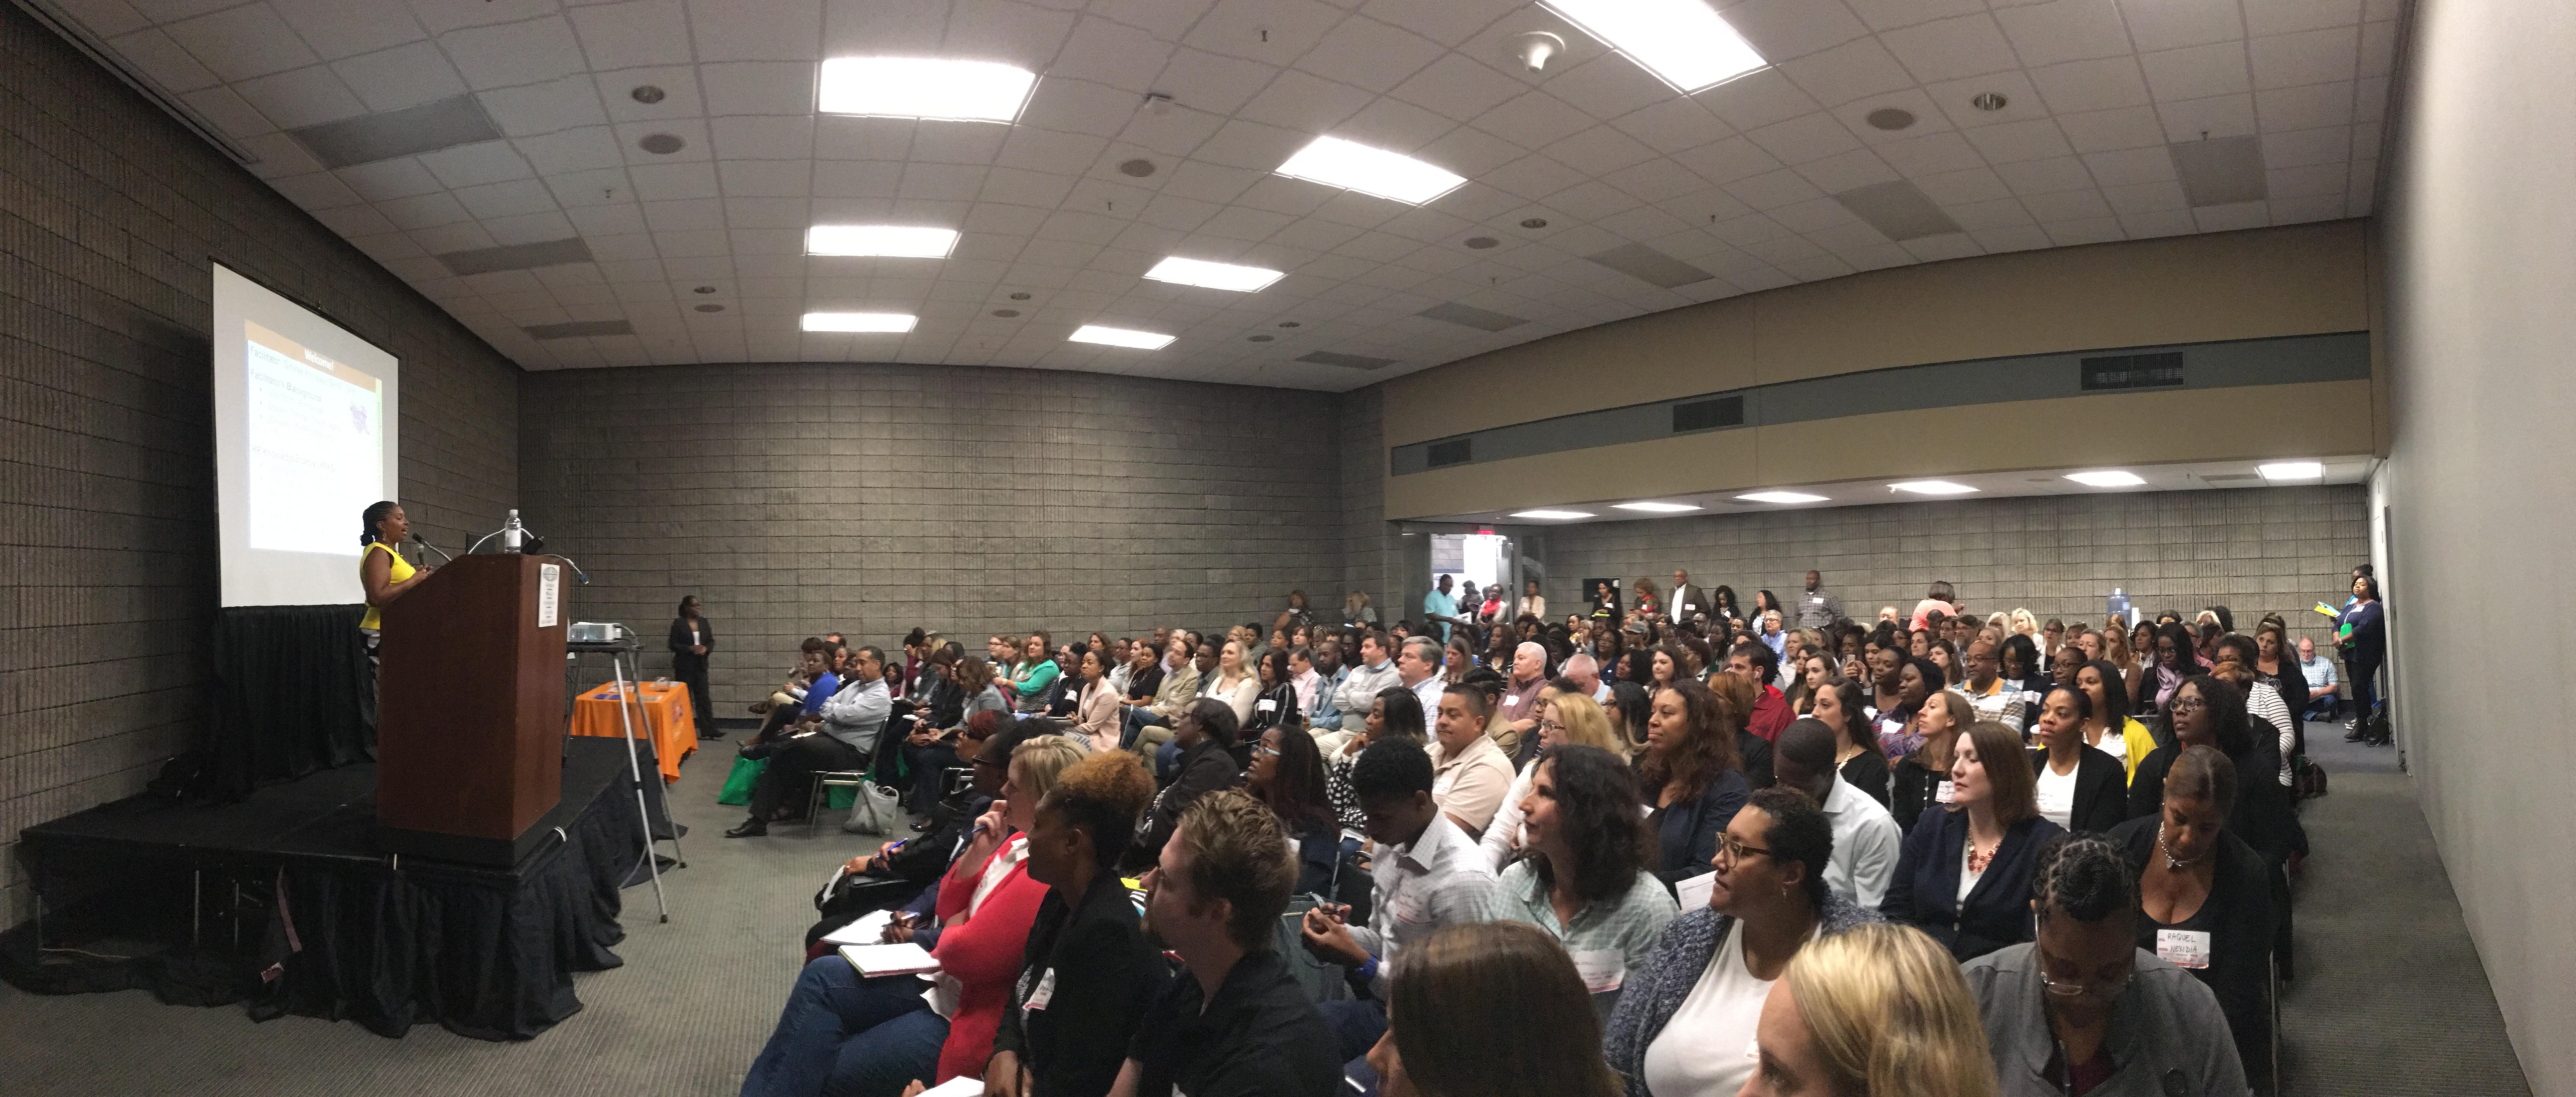 Packed room HR star atl Sheree Knowles speaker